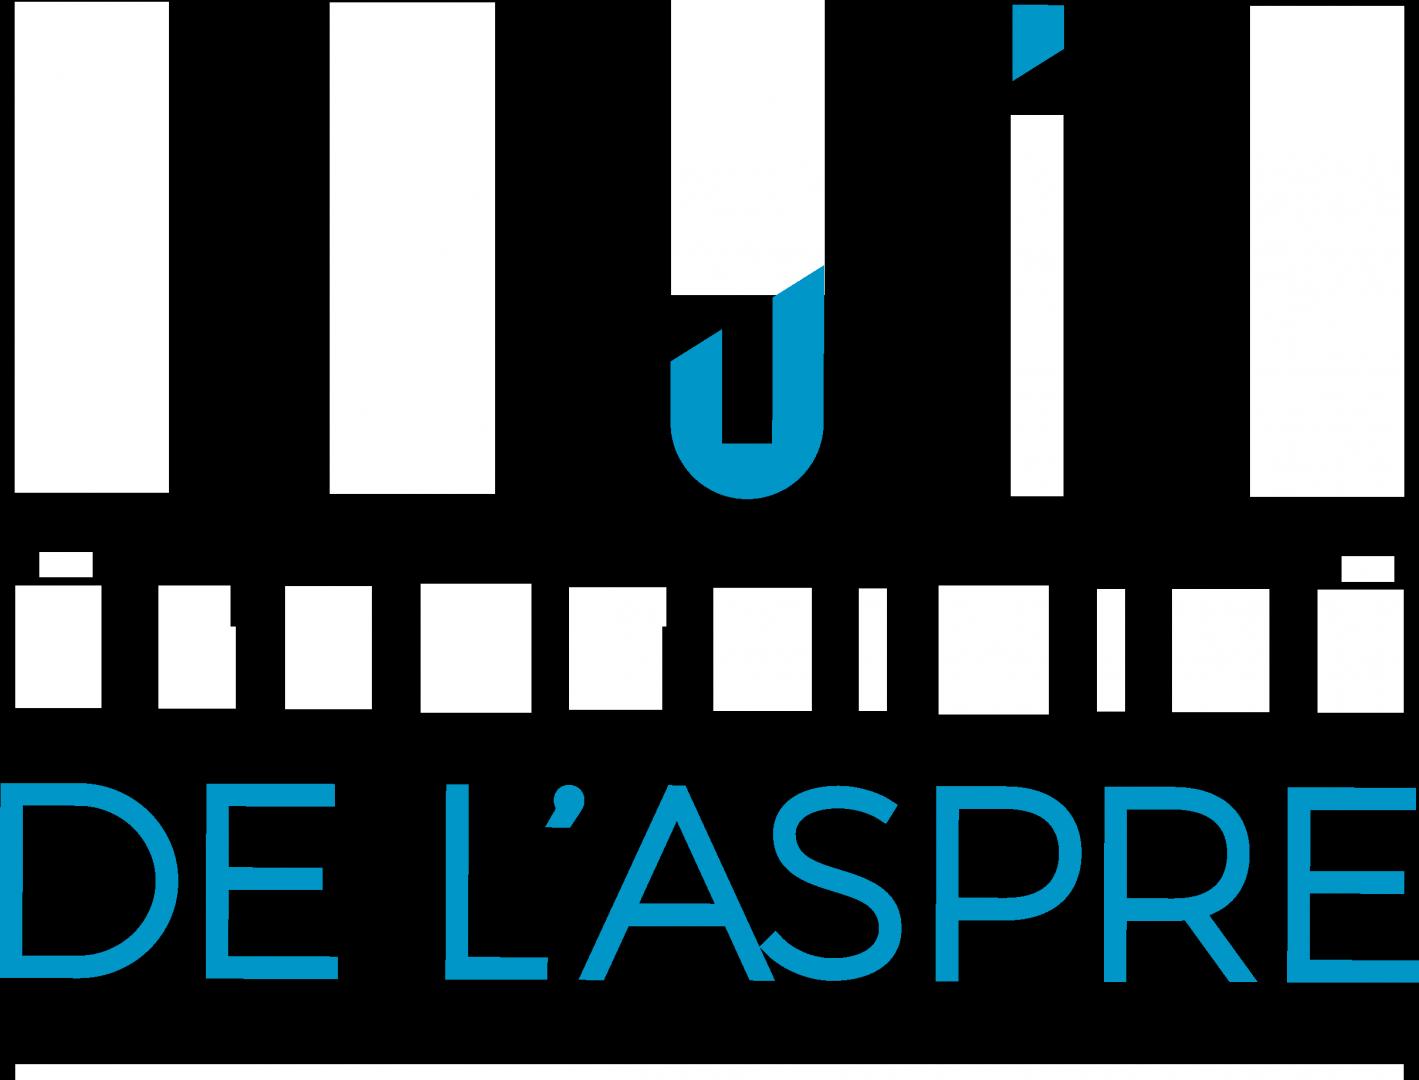 Logo Froid Electricite de l'Aspre